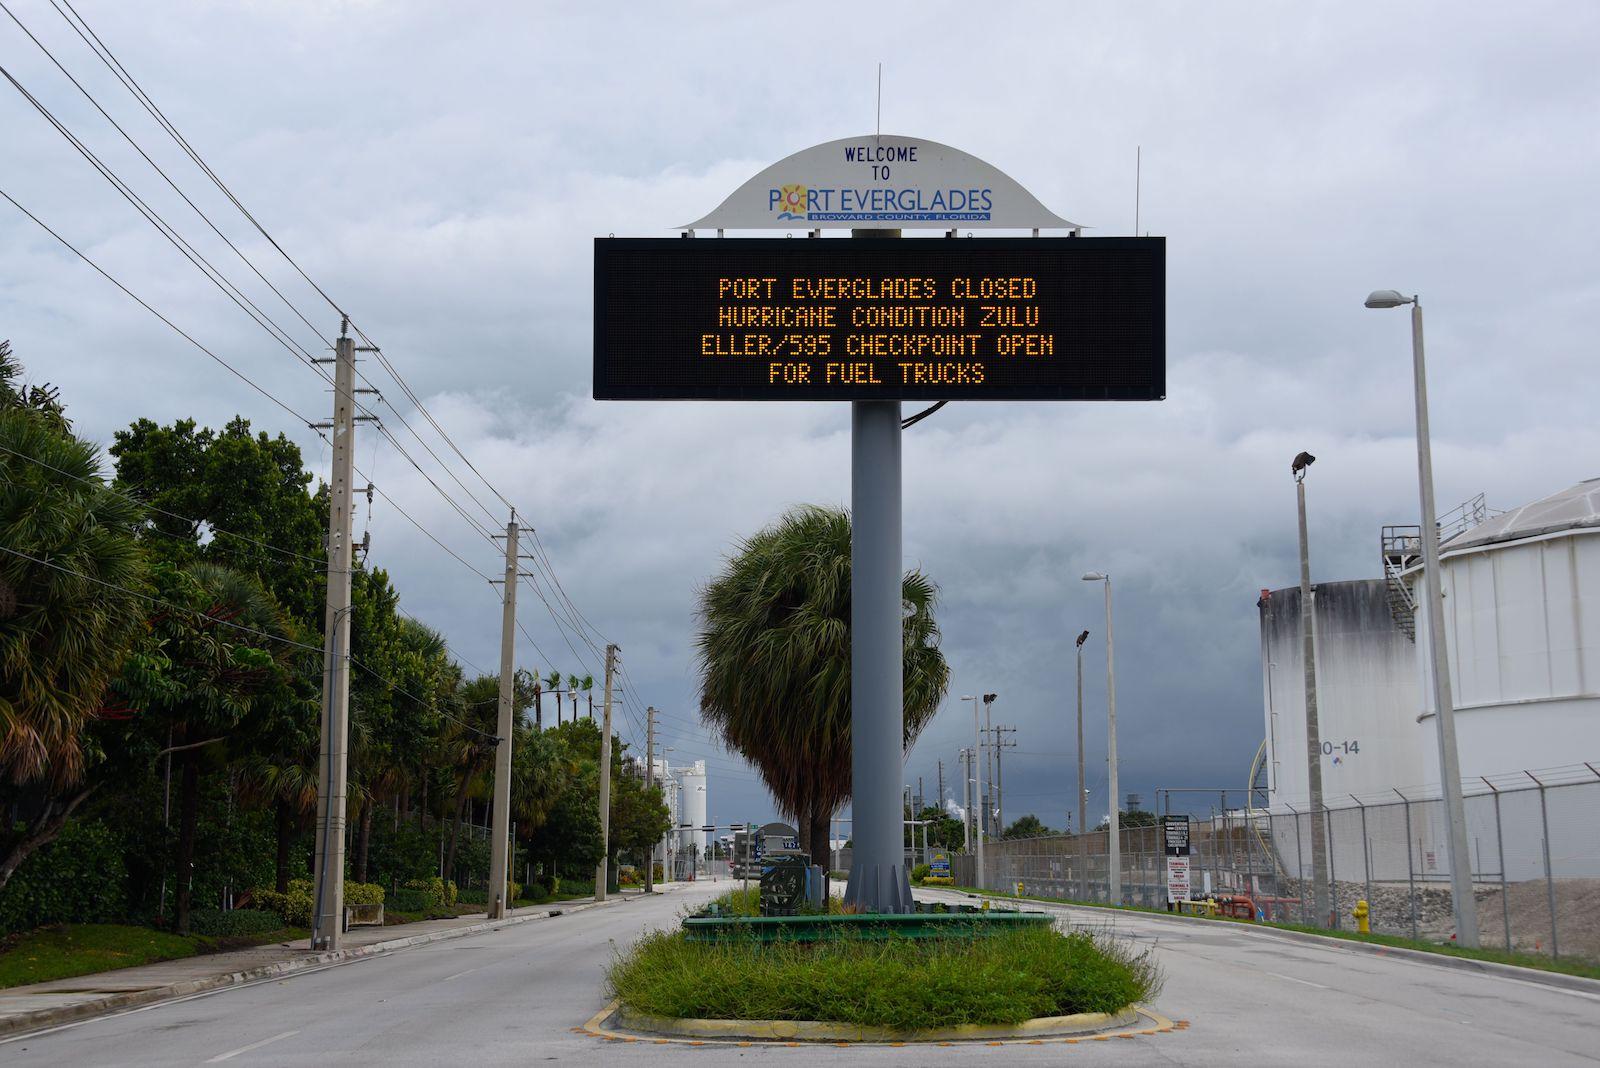 une grande et grande enseigne en métal du port des Everglades avec un fond noir et un lettrage lumineux orange se trouve au centre de l'image.  Ça lit,